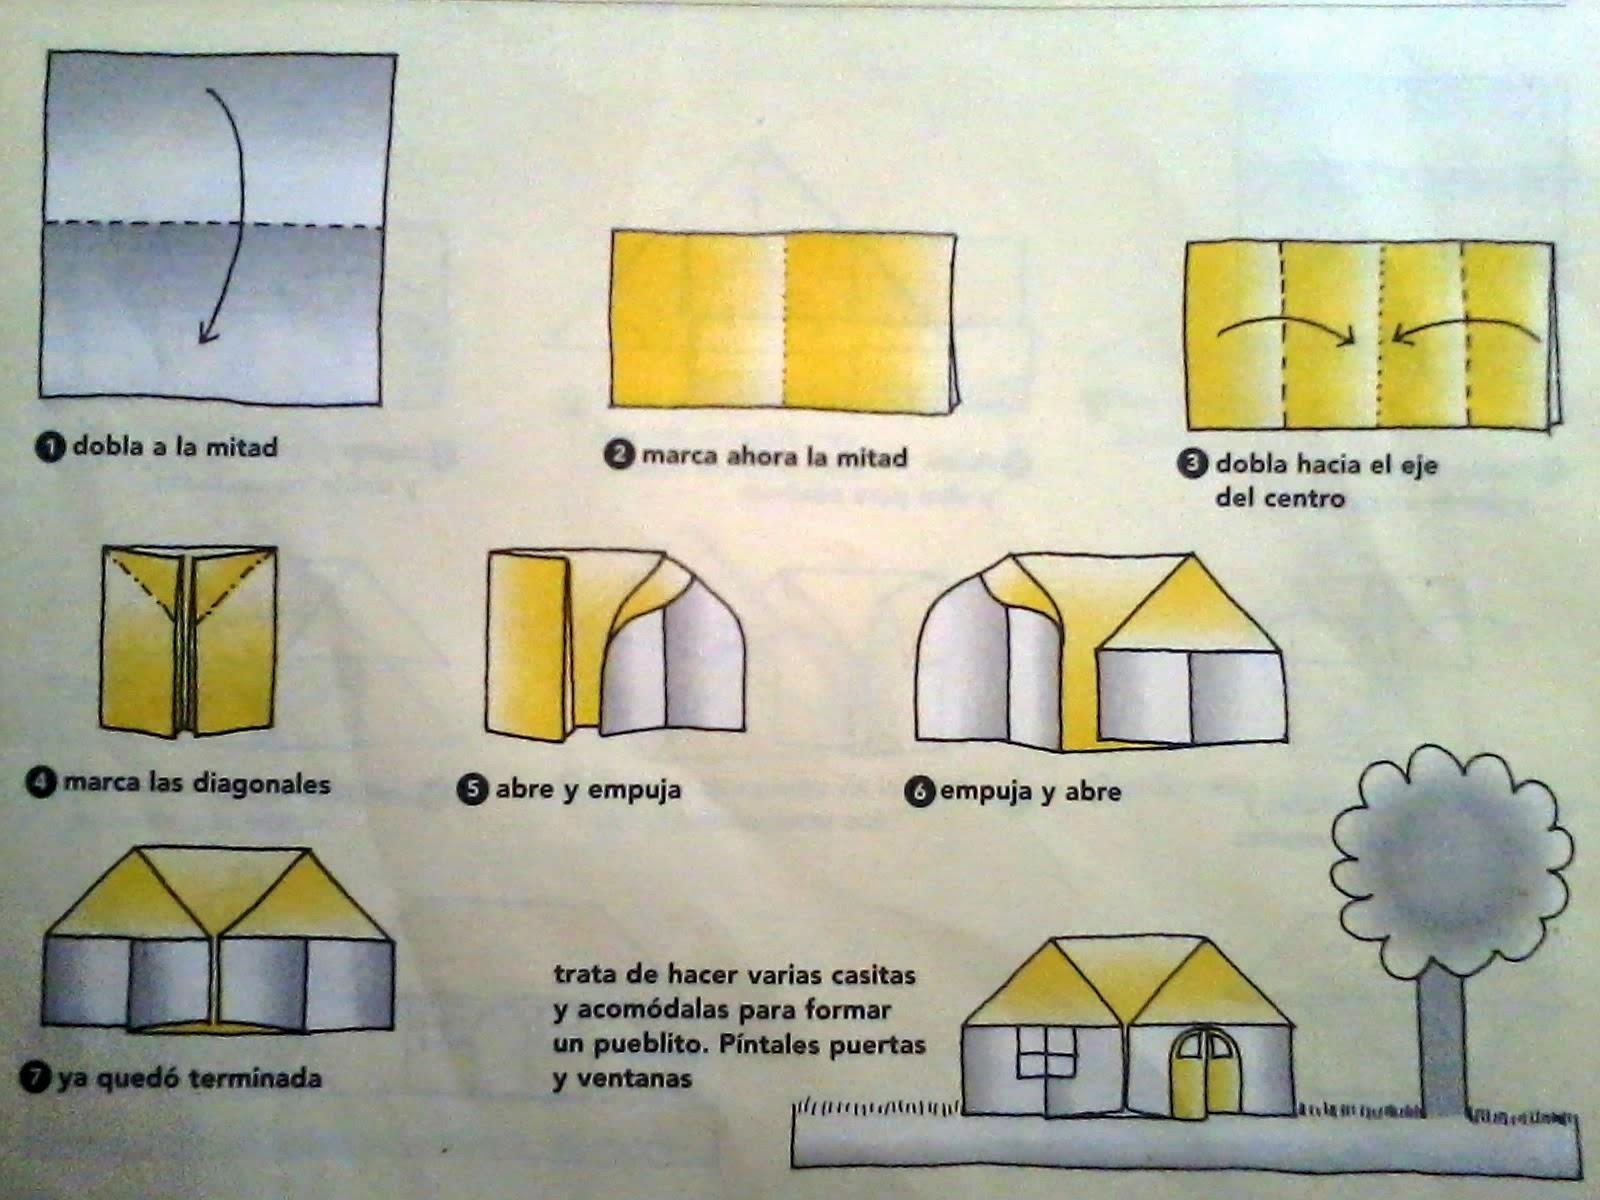 Como hacer una caja de papel origami o papiroflexia - Papiroflexia paso a paso ...